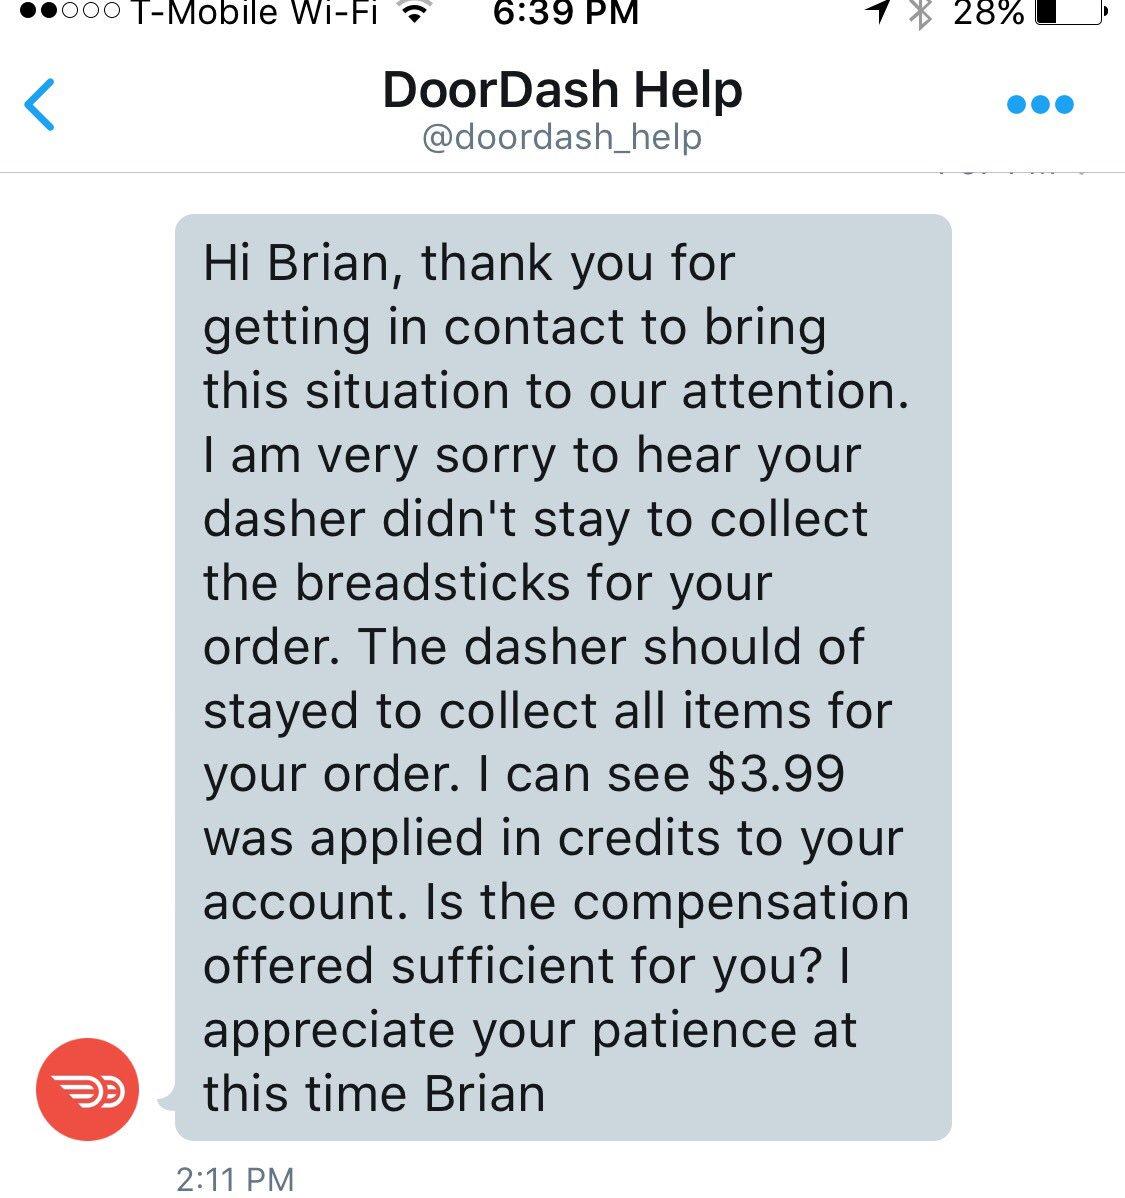 doordash help number